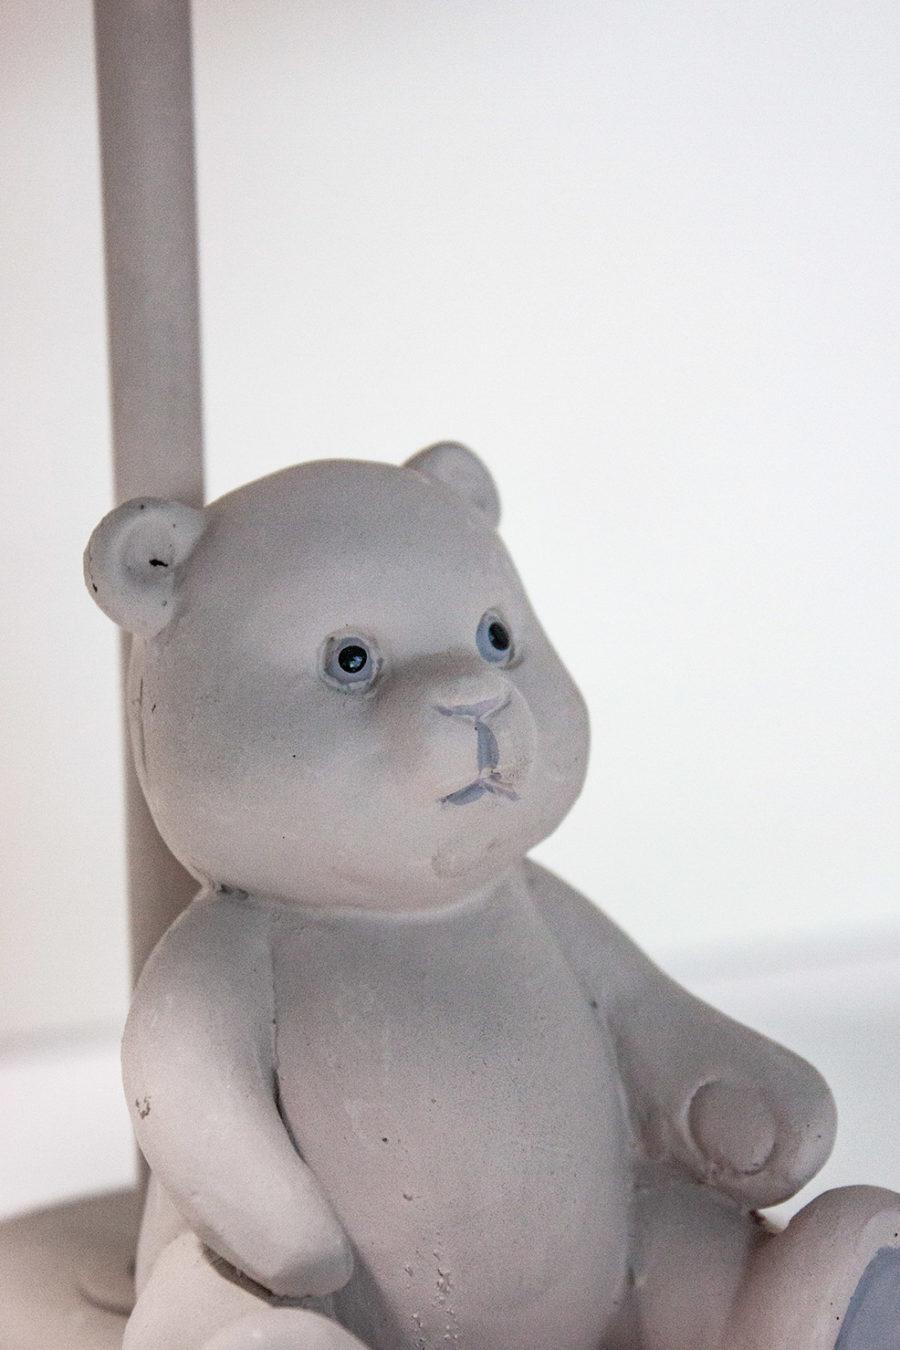 lampada-da-tavolo-conorsetto-paralume-in-stoffa-fiocco-bianco-colore-beige-stile-shabby_amb02